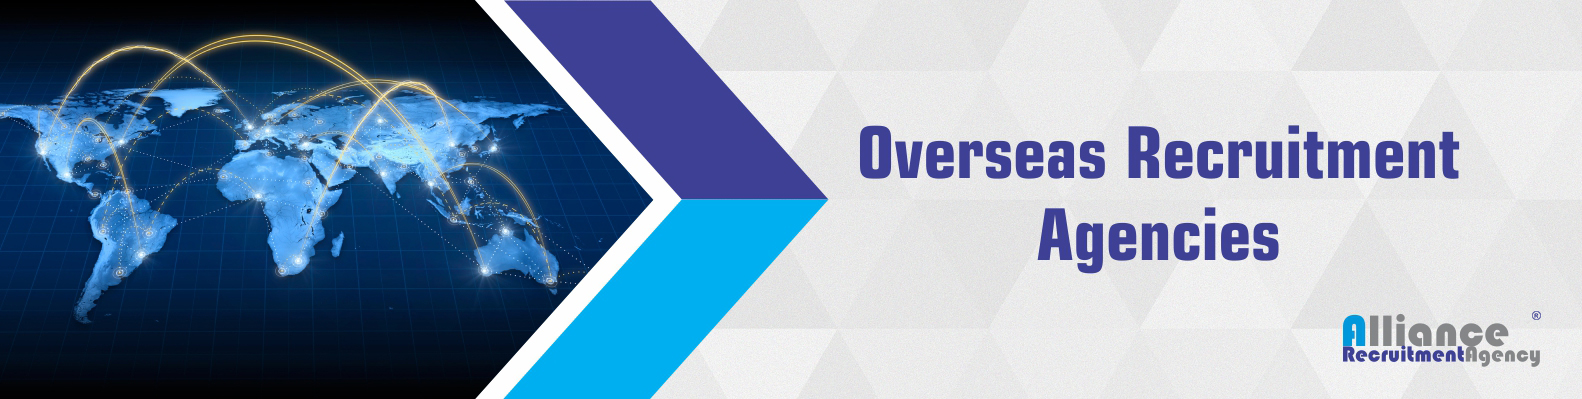 Overseas Recruitment Agencies in India - Overseas